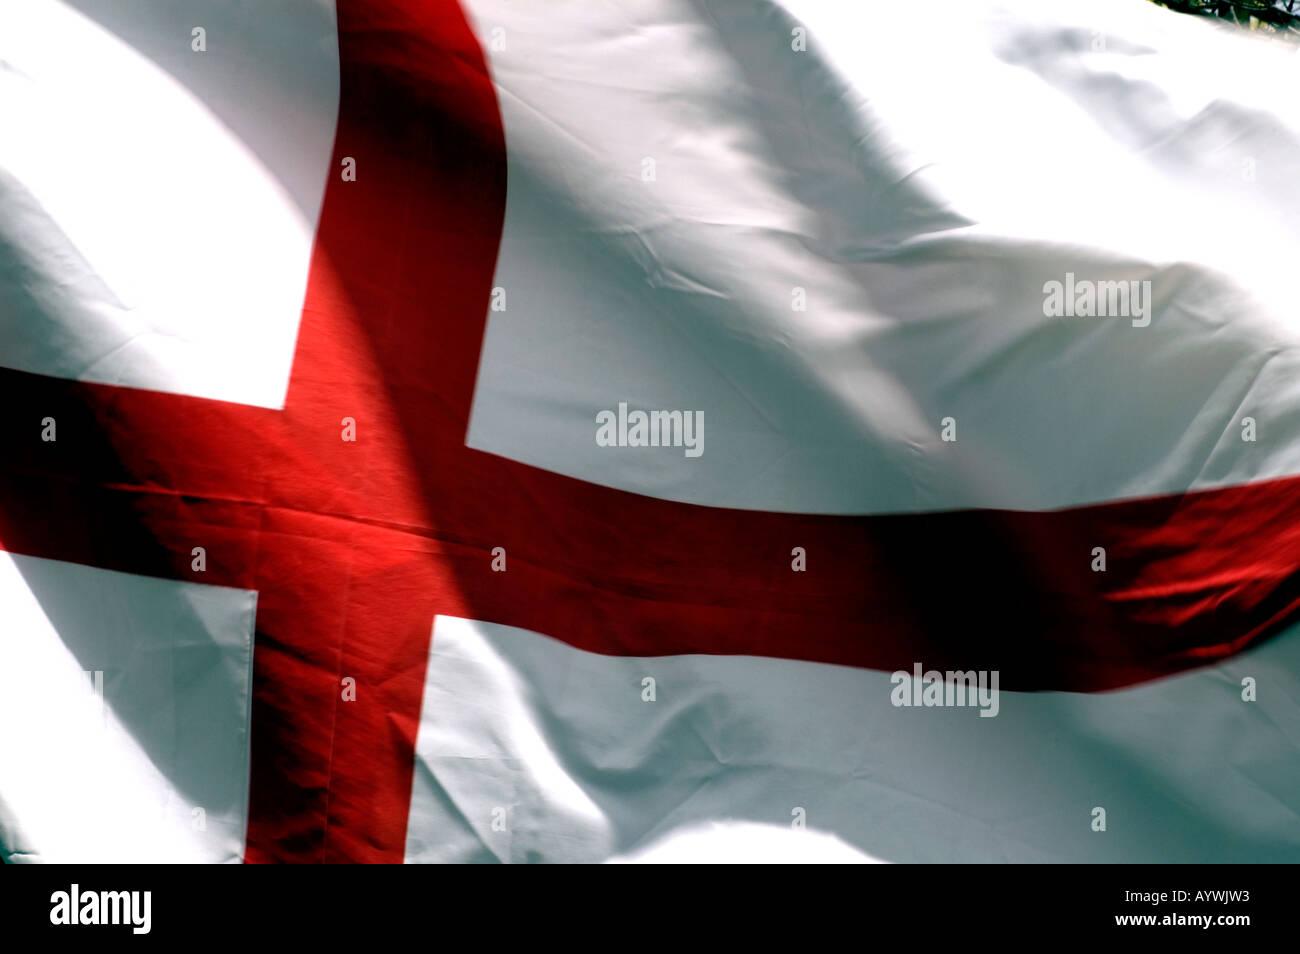 Inghilterra Bandiera Con La Croce Rossa Su Sfondo Bianco Foto